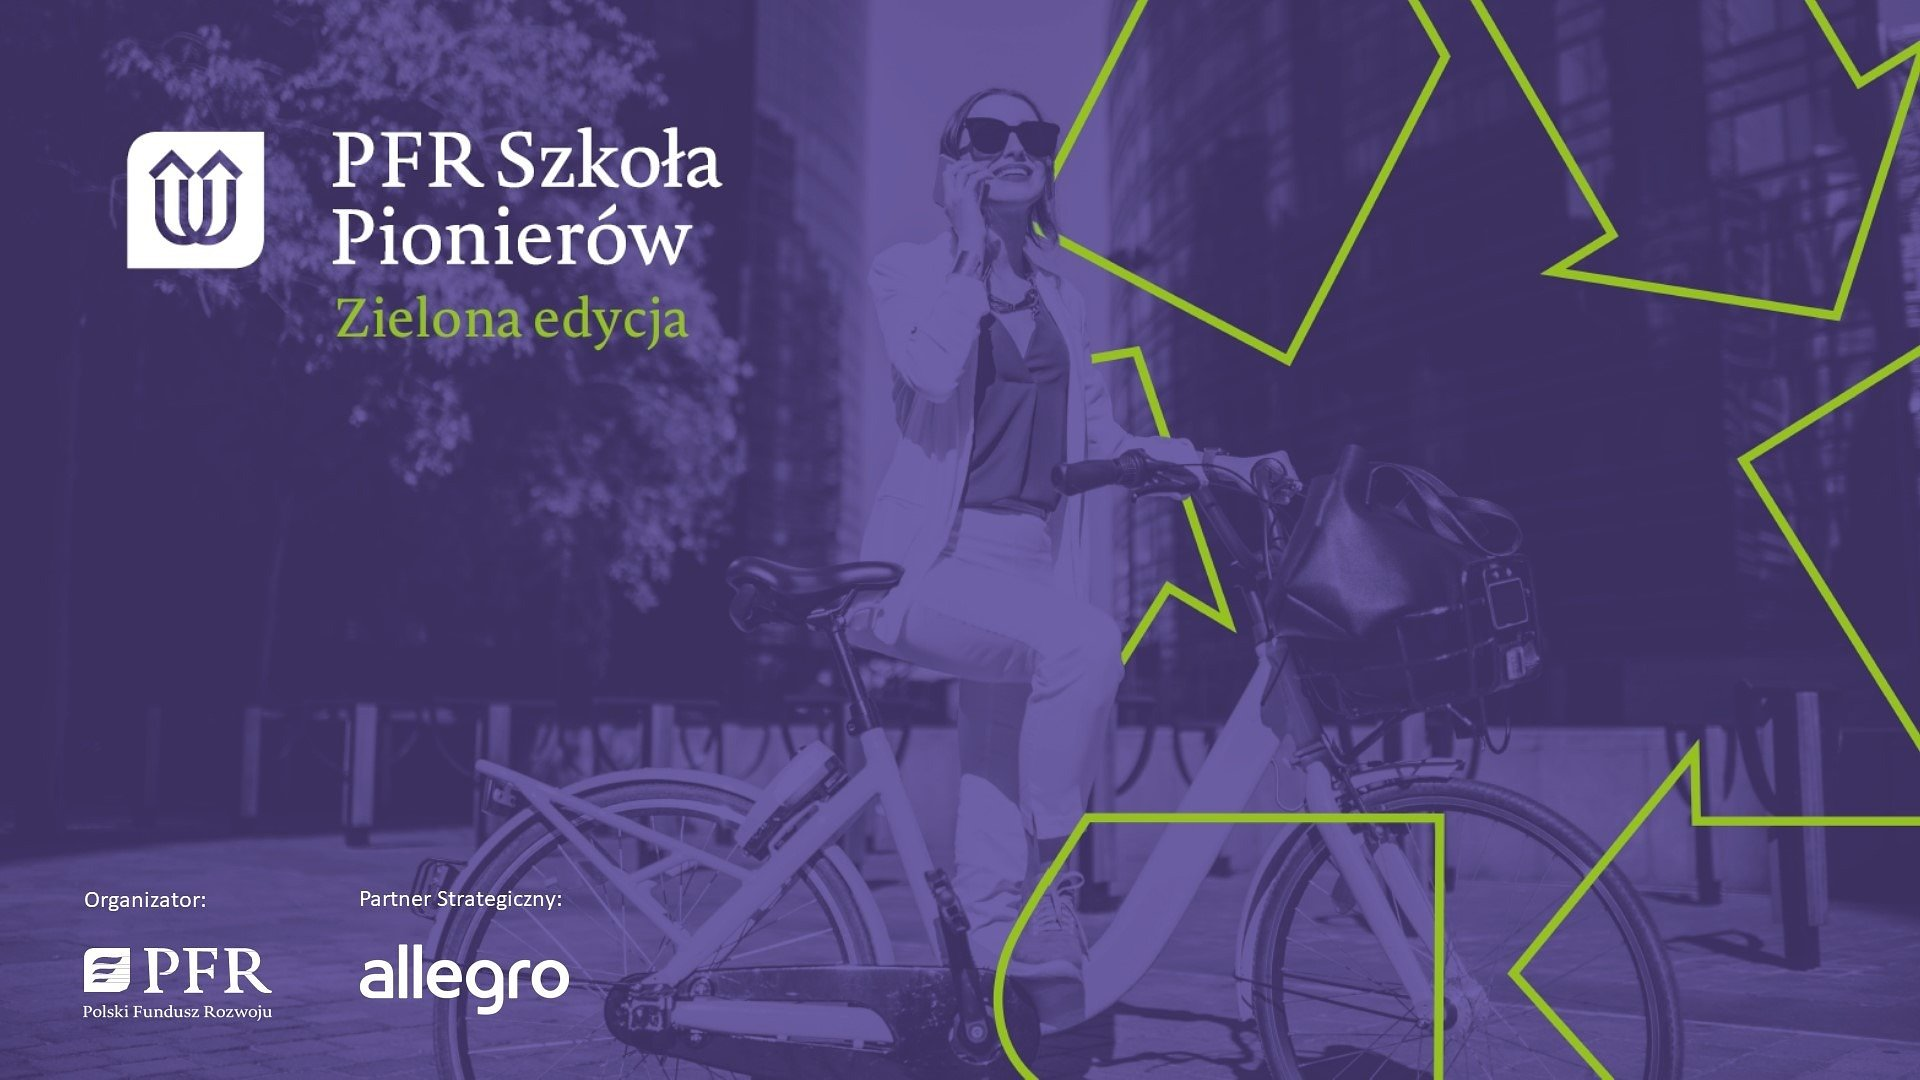 Szkoła Pionierów PFR wspiera zielone rozwiązania technologiczne, a dla najlepszych są nagrody o łącznej wartości ponad 100 tys. zł.